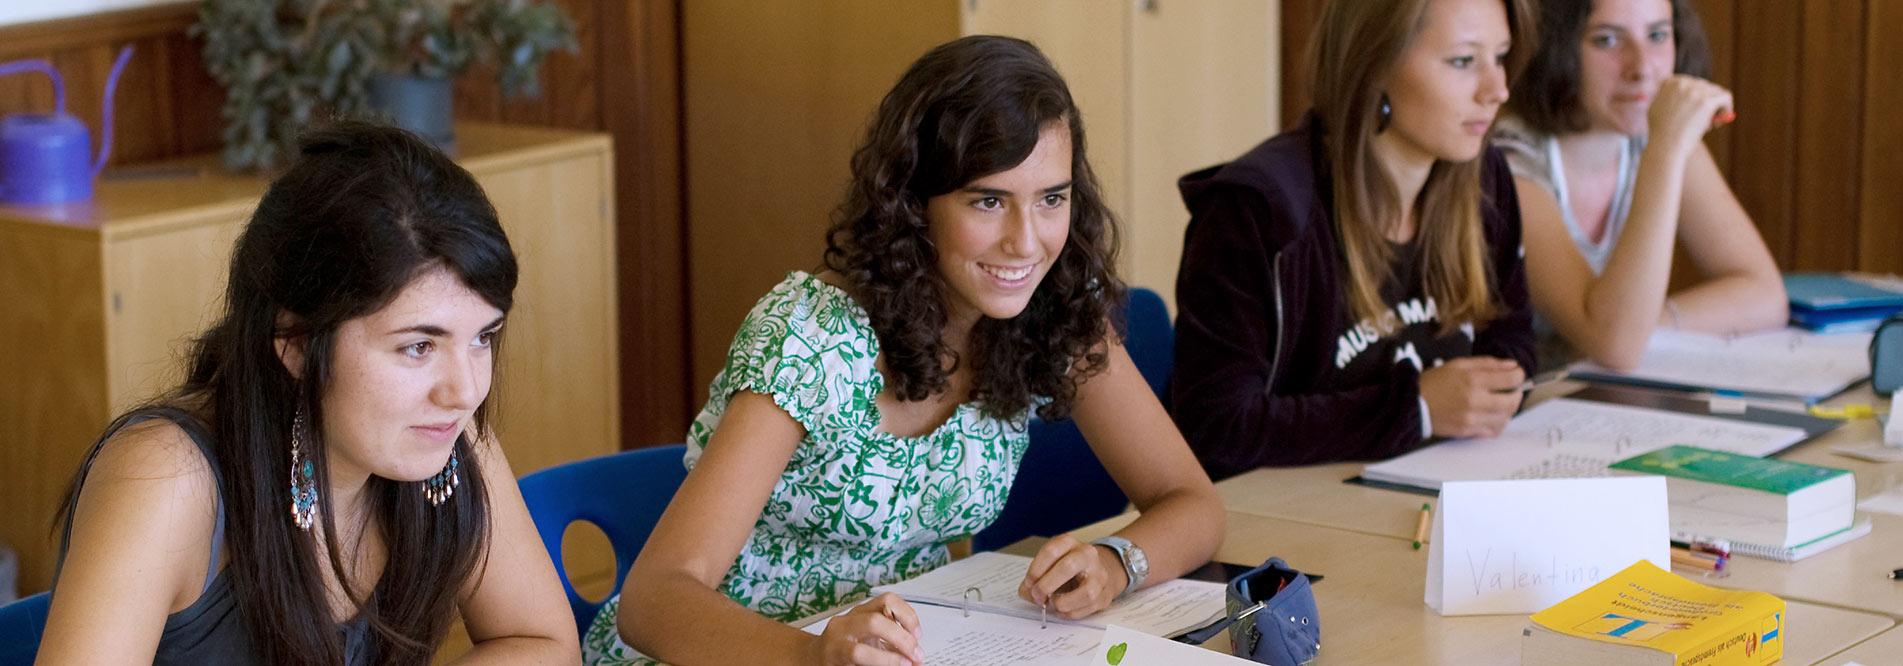 Im Internat Lindenberg leben und lernen Schülerinnen und Schüler aus aller Welt zusammen in einer vielfältigen Internatsgemeinschaft.